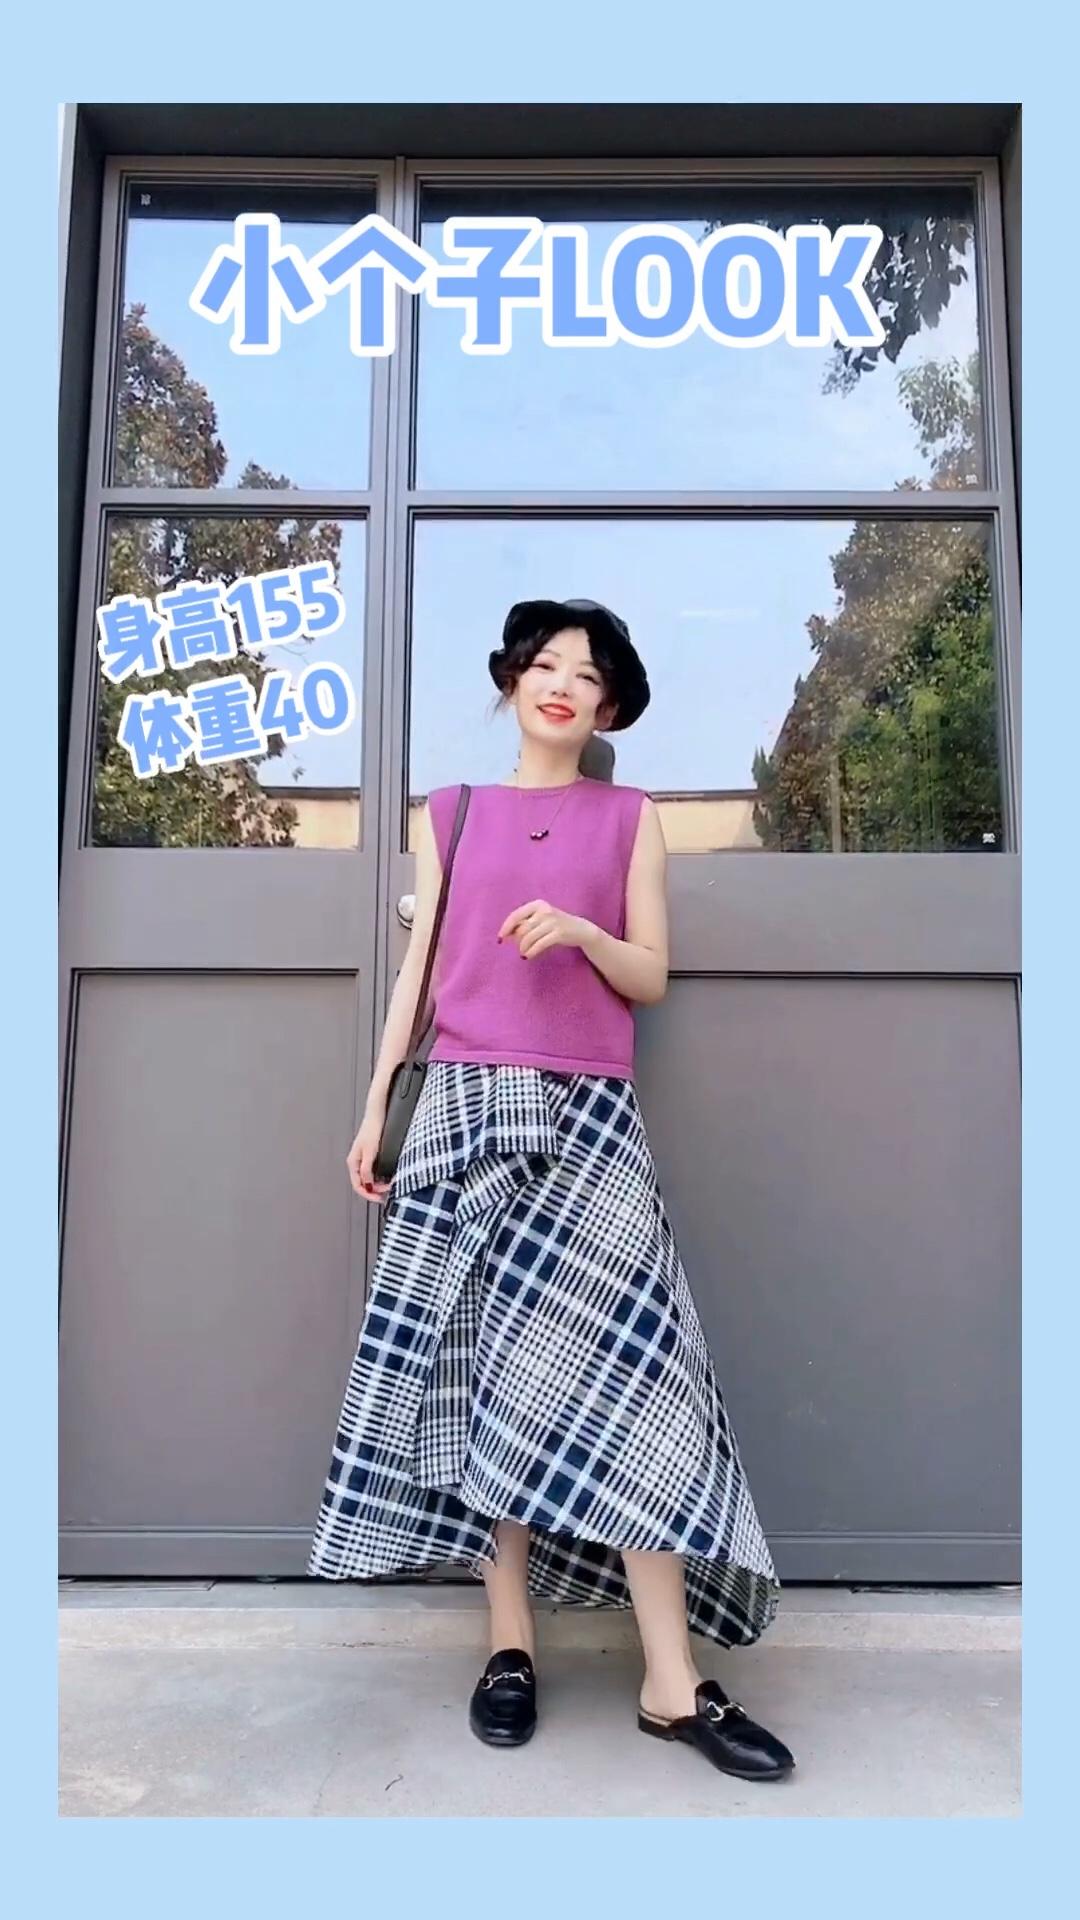 #2019早秋流行第一弹#  小个子的及踝长裙LOOK 高腰线拉伸比例的效果hin棒 紫色与蓝色系格纹裙的搭配很适合初秋哦 针织背心降温了穿正好  也可以再搭配一件短款外套哦